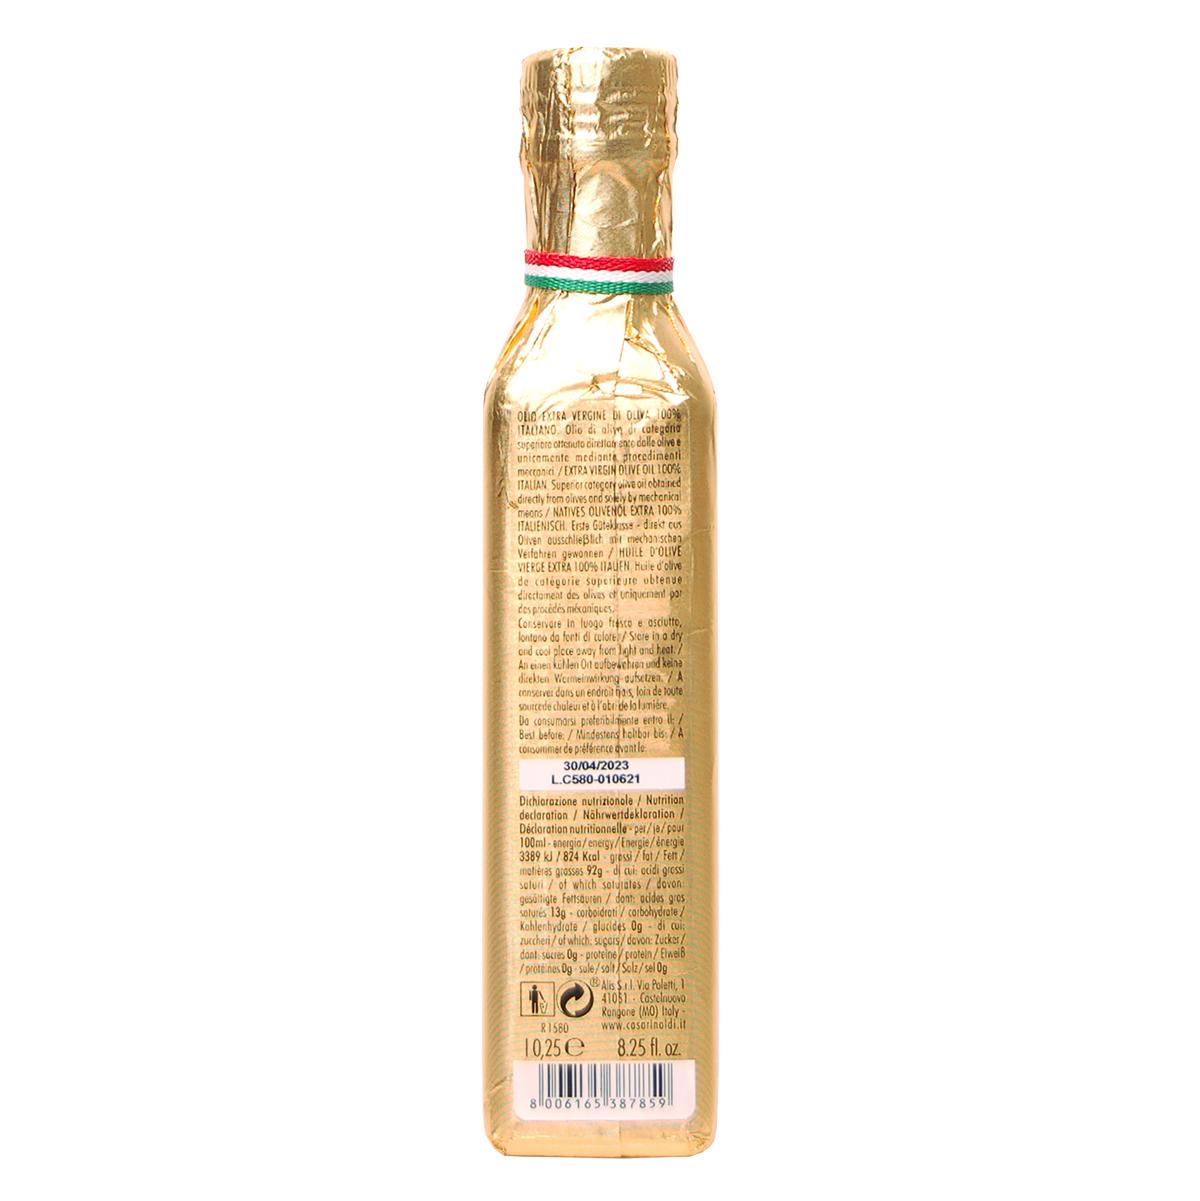 Масло Casa Rinaldi оливковое нефильтрованное Extra Vergine VIP в золотой обертке 250 мл